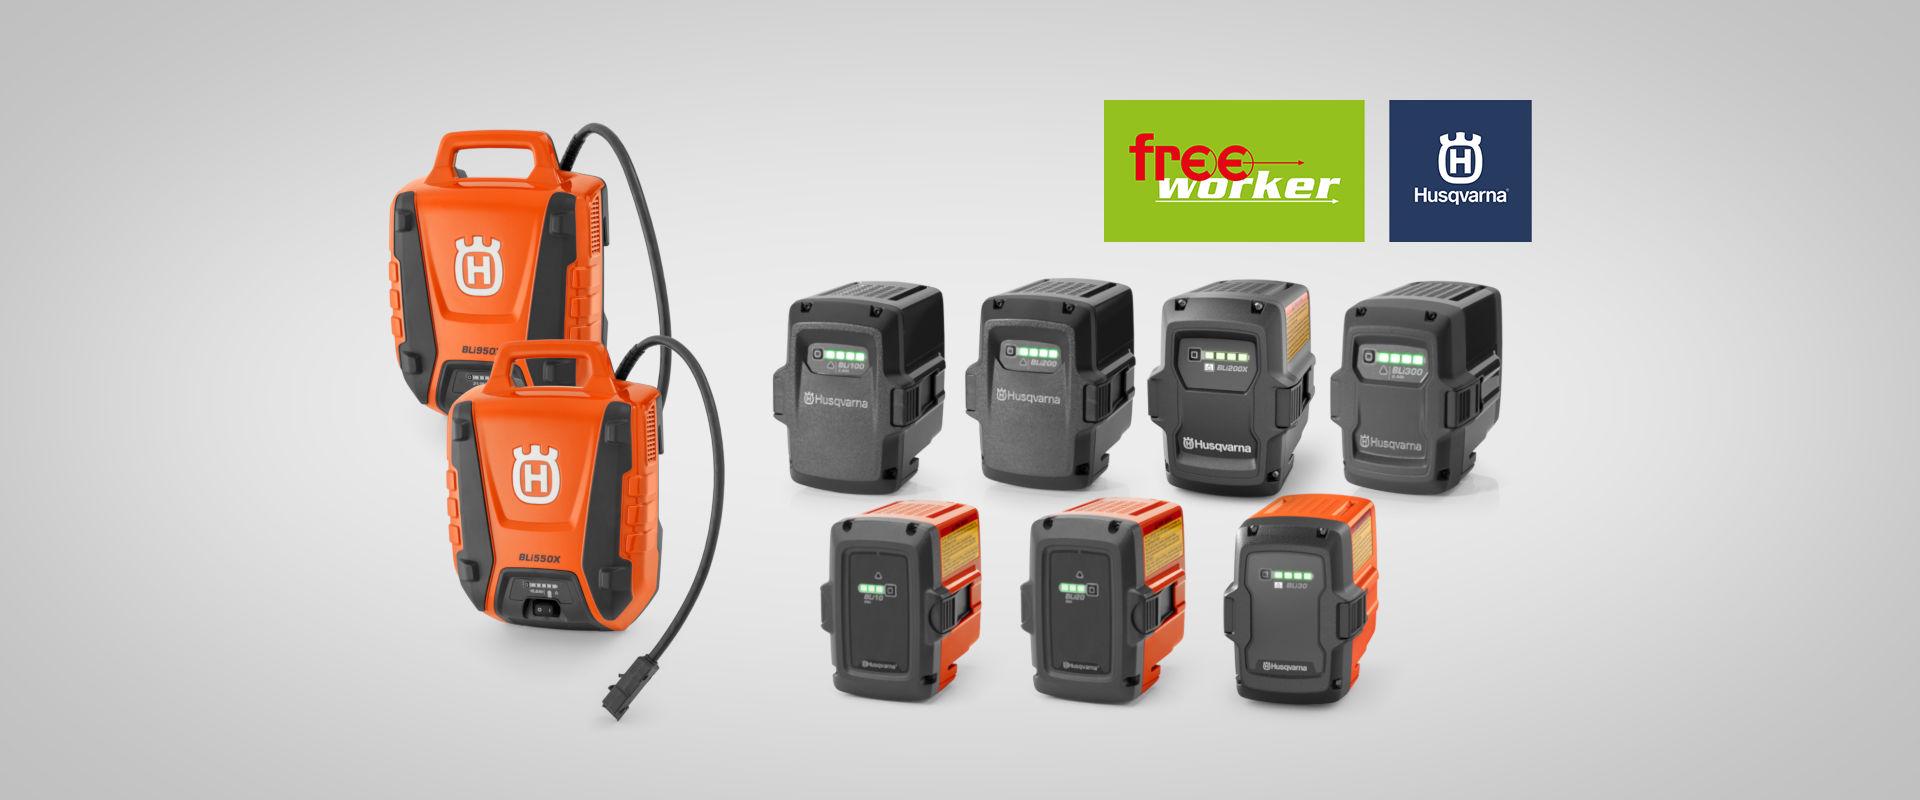 Permalink to: La bonne batterie pour votre appareil Husqvarna et son entretien